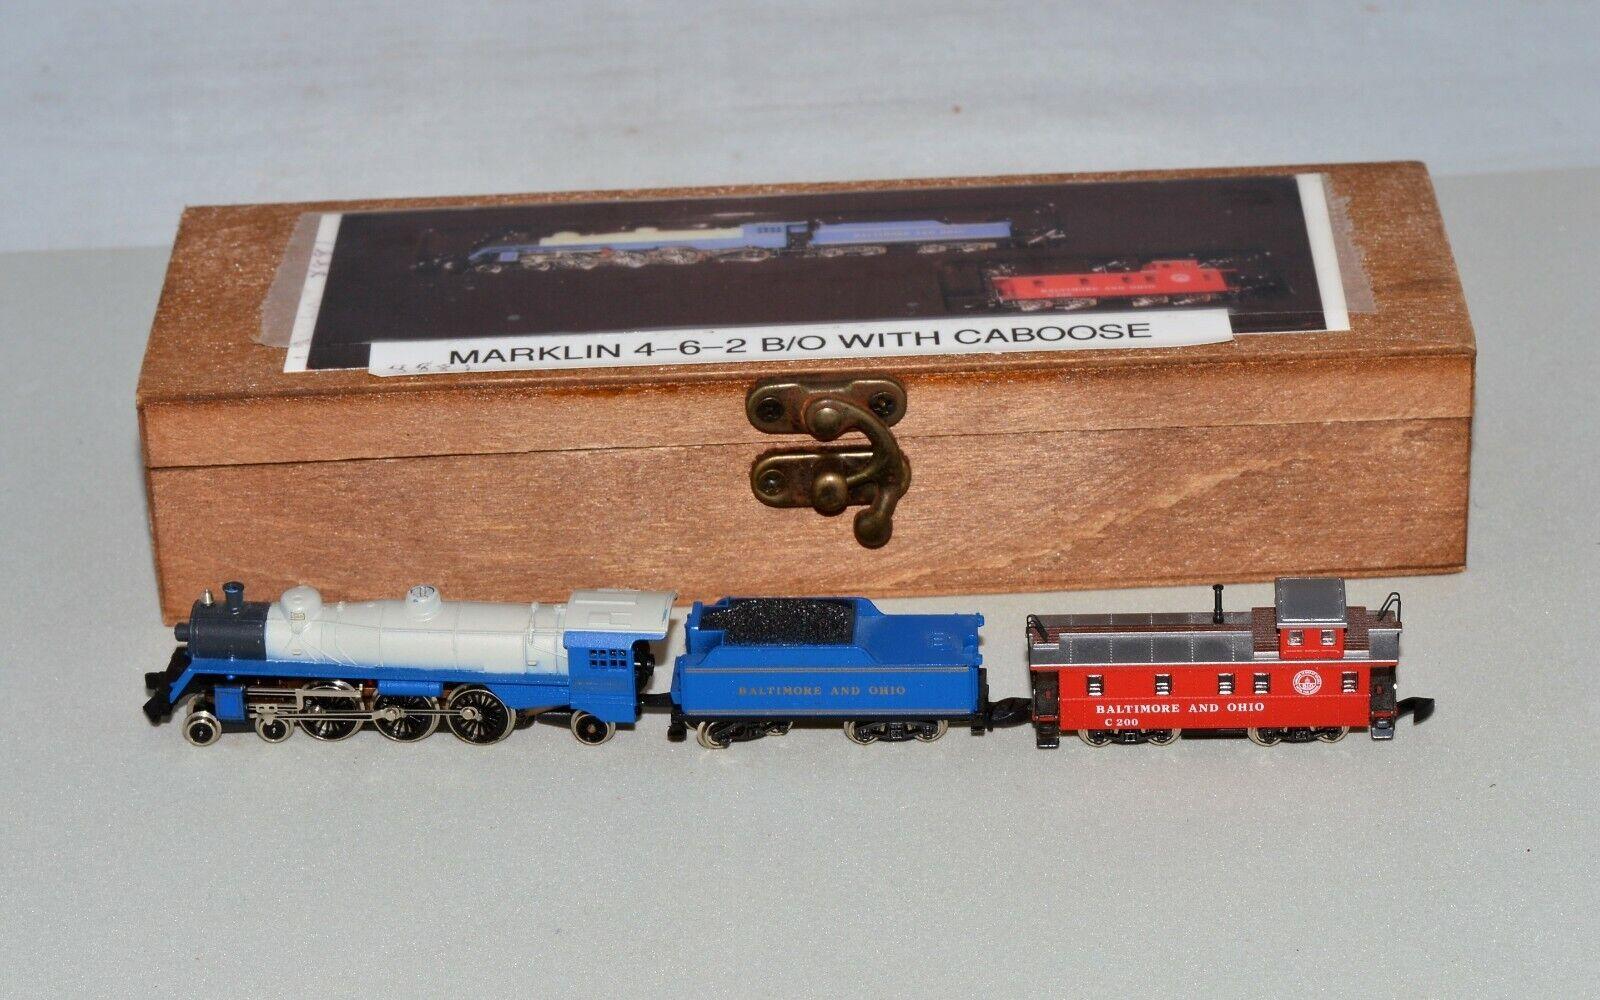 ZスケールのMarklin 8881太平洋4 - 6 - 2 B & O機関車と入札